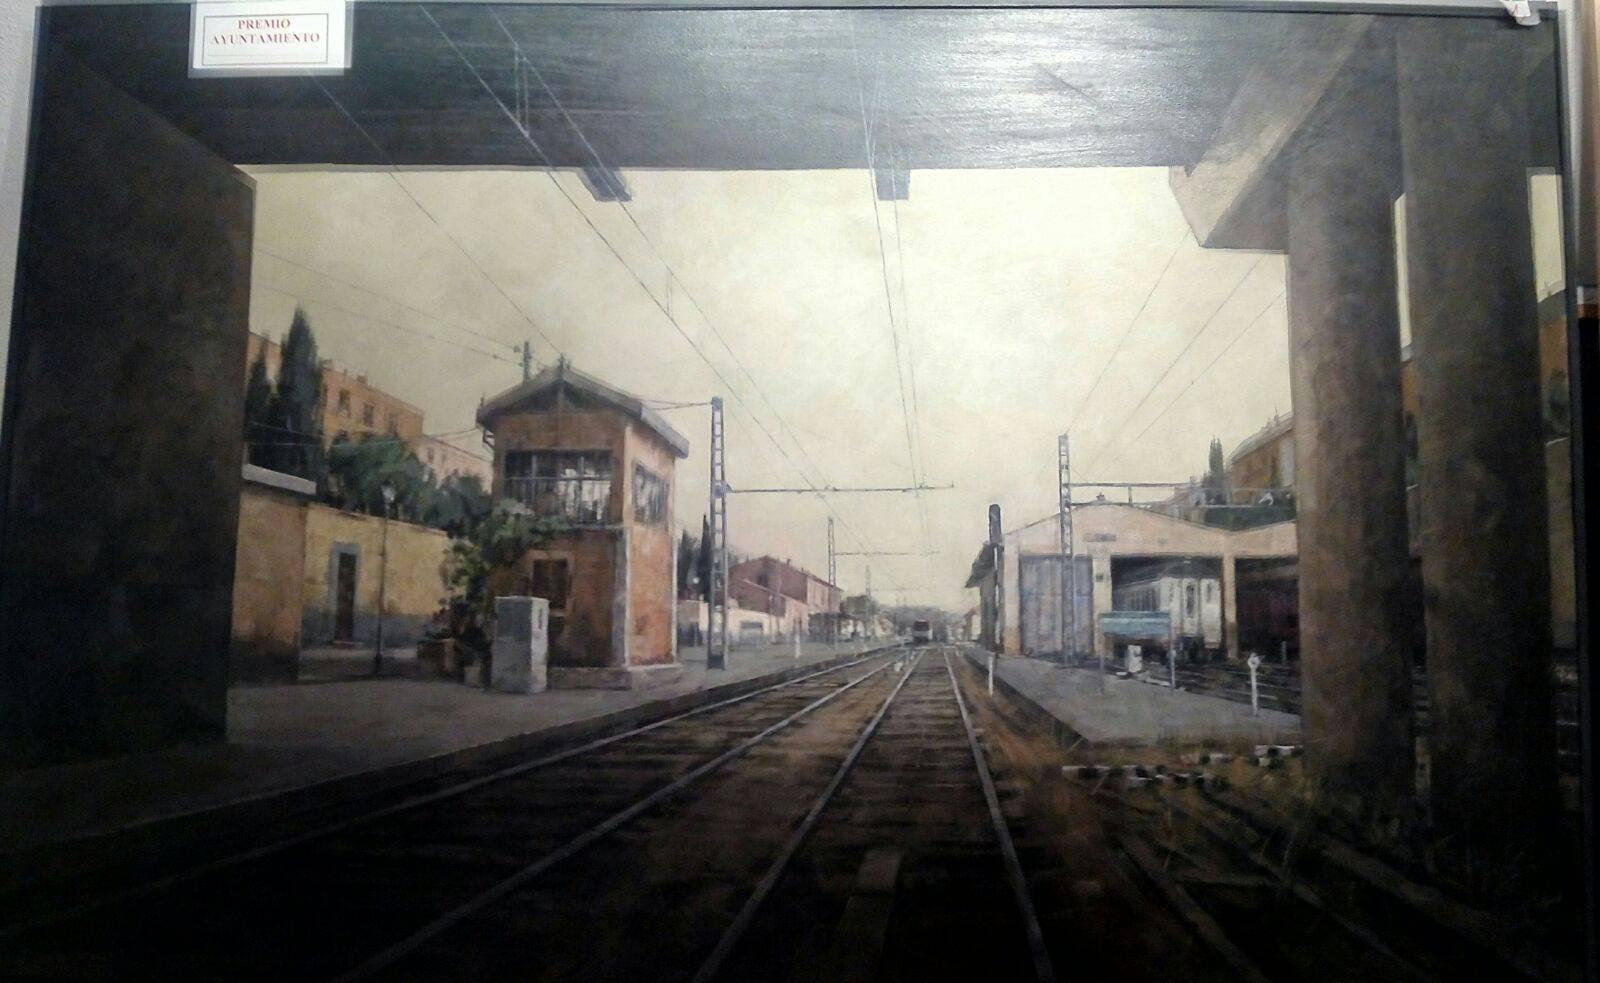 Auto vias Jos%C3%A9 Mar%C3%ADa D%C3%ADaz Mart%C3%ADnez - Premios del 33º Certamen Nacional de Pintura Jesús Madero